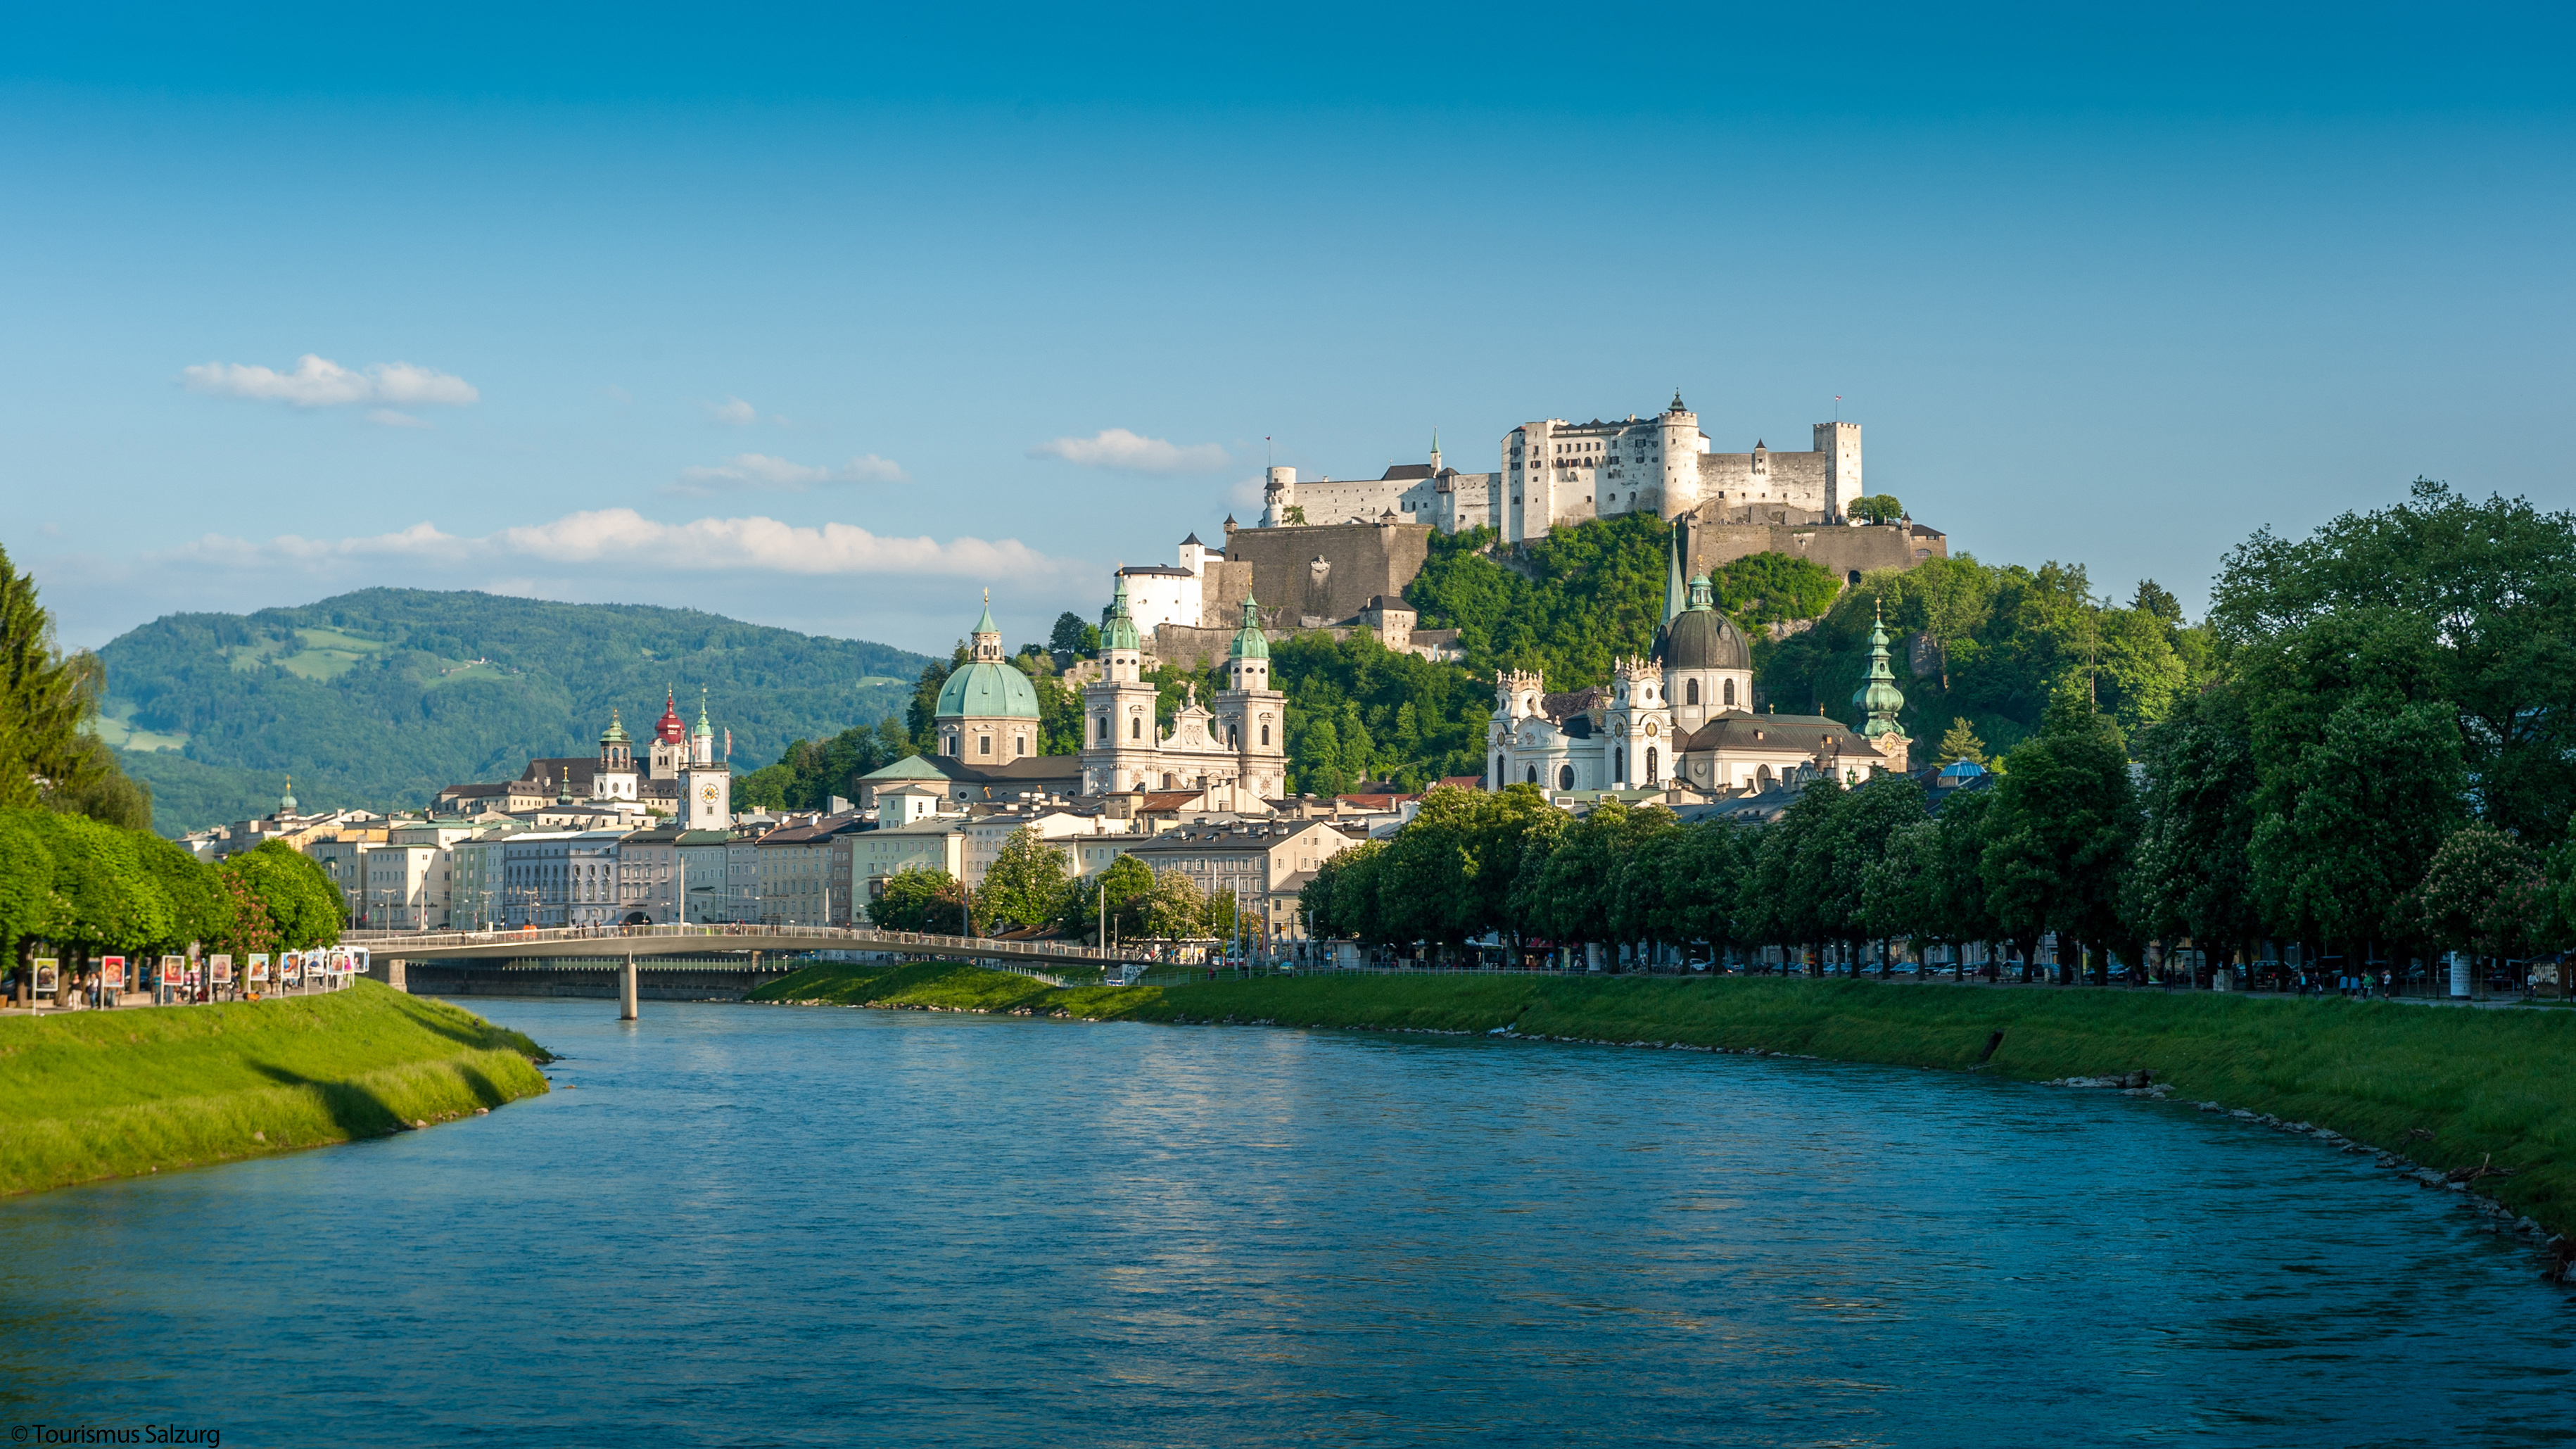 https://www.soundofsalzburg.info/wp-content/uploads/2014/07/Salzburg-Stadtsicht-Tag.jpg